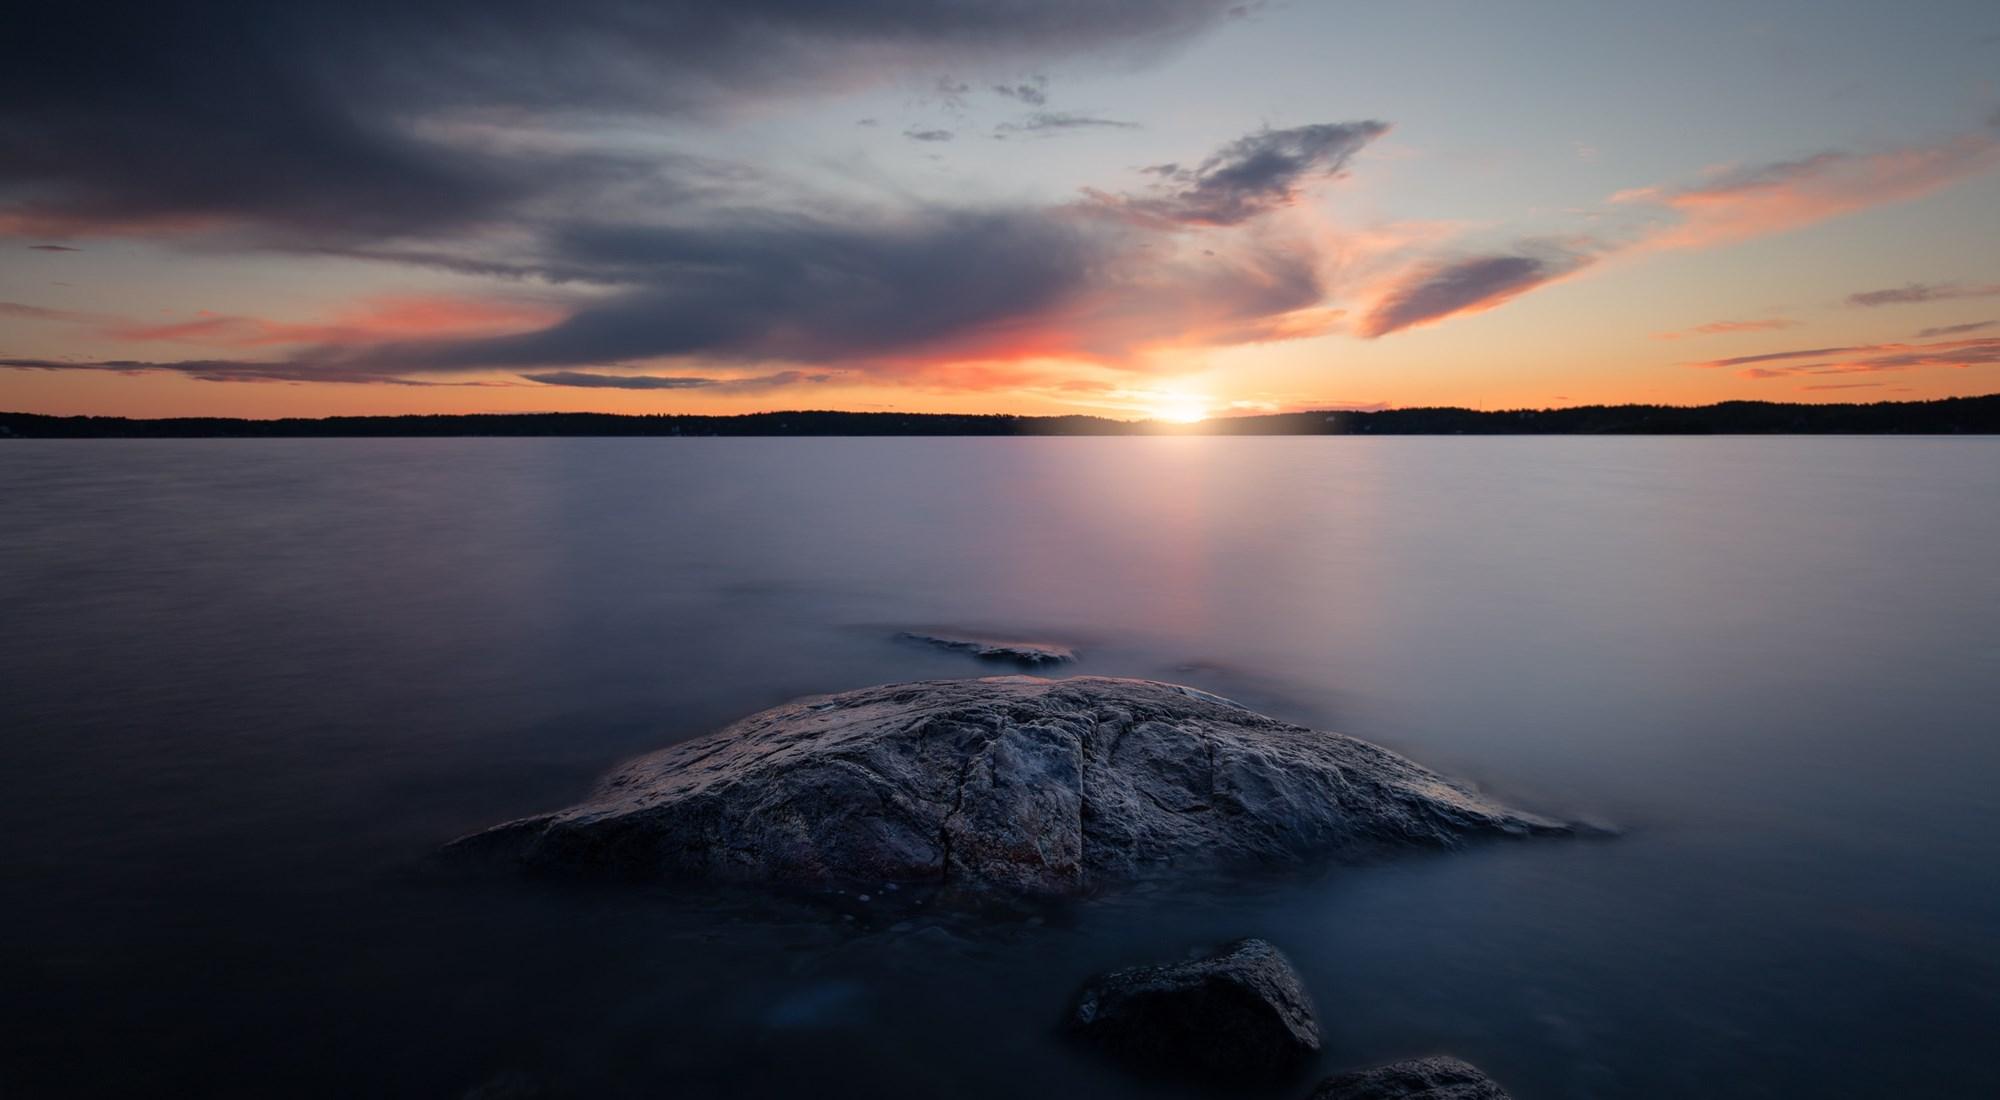 spiltanfonder-sunset